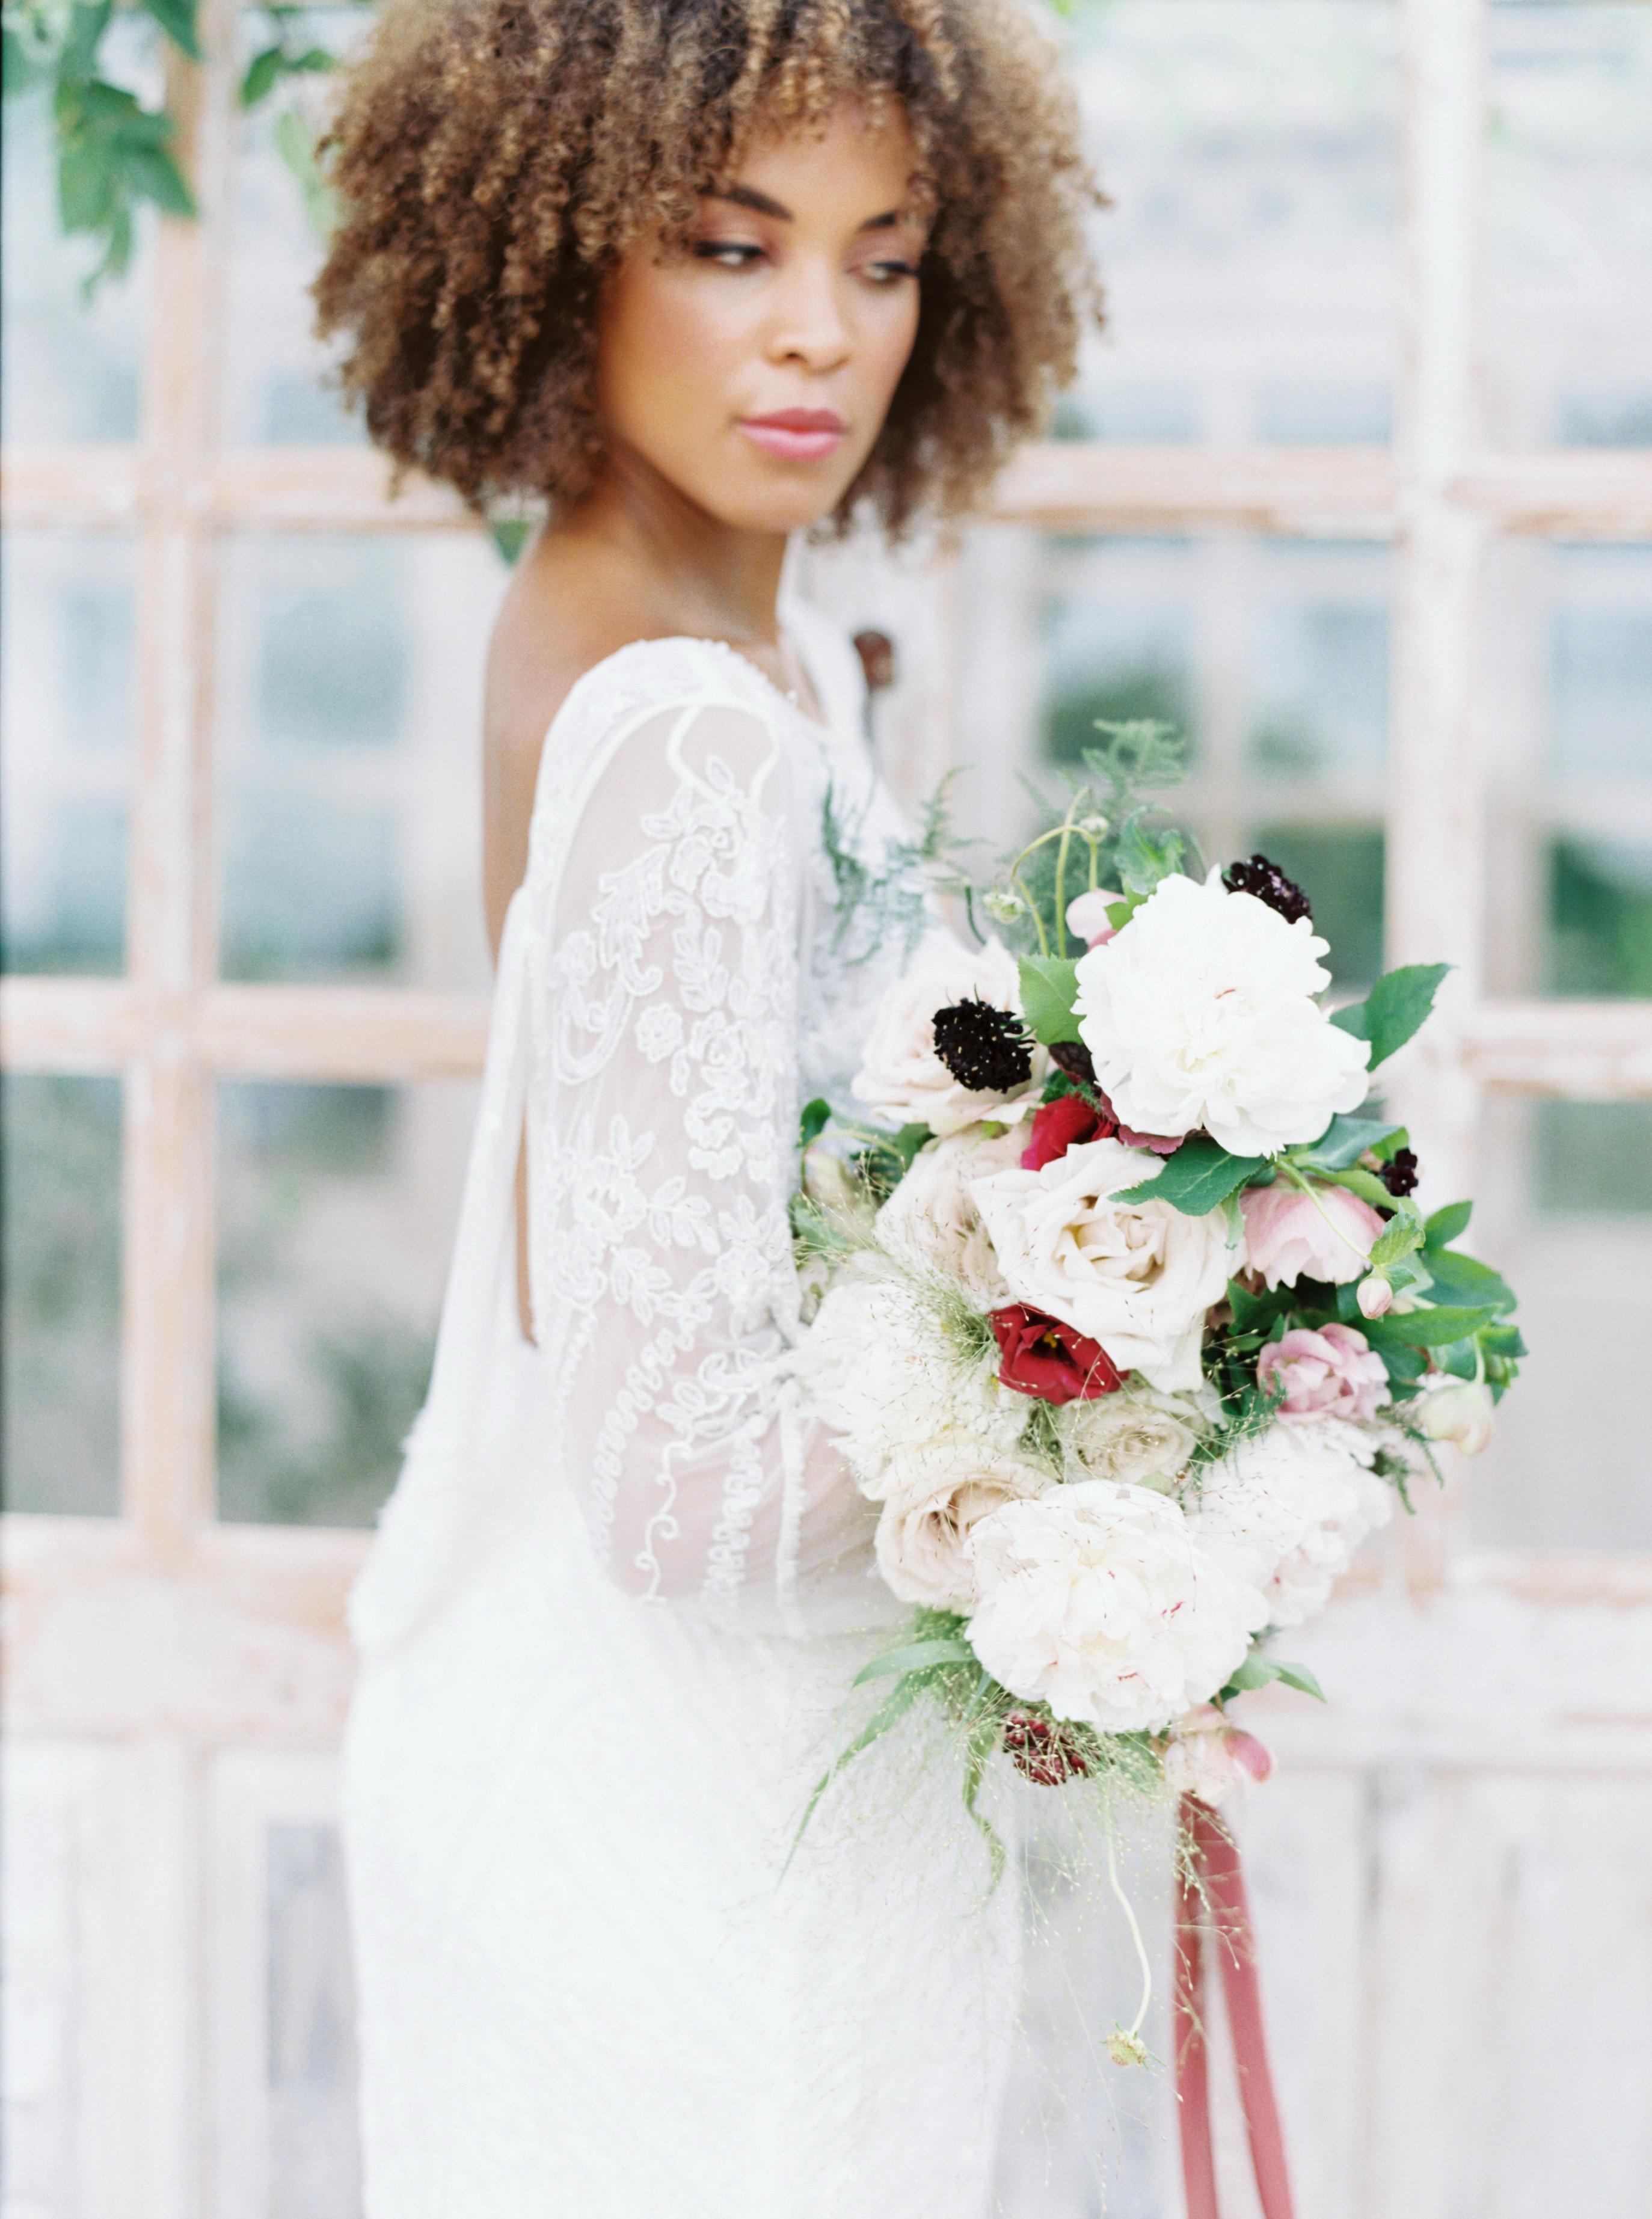 Nicole Colewell Photography